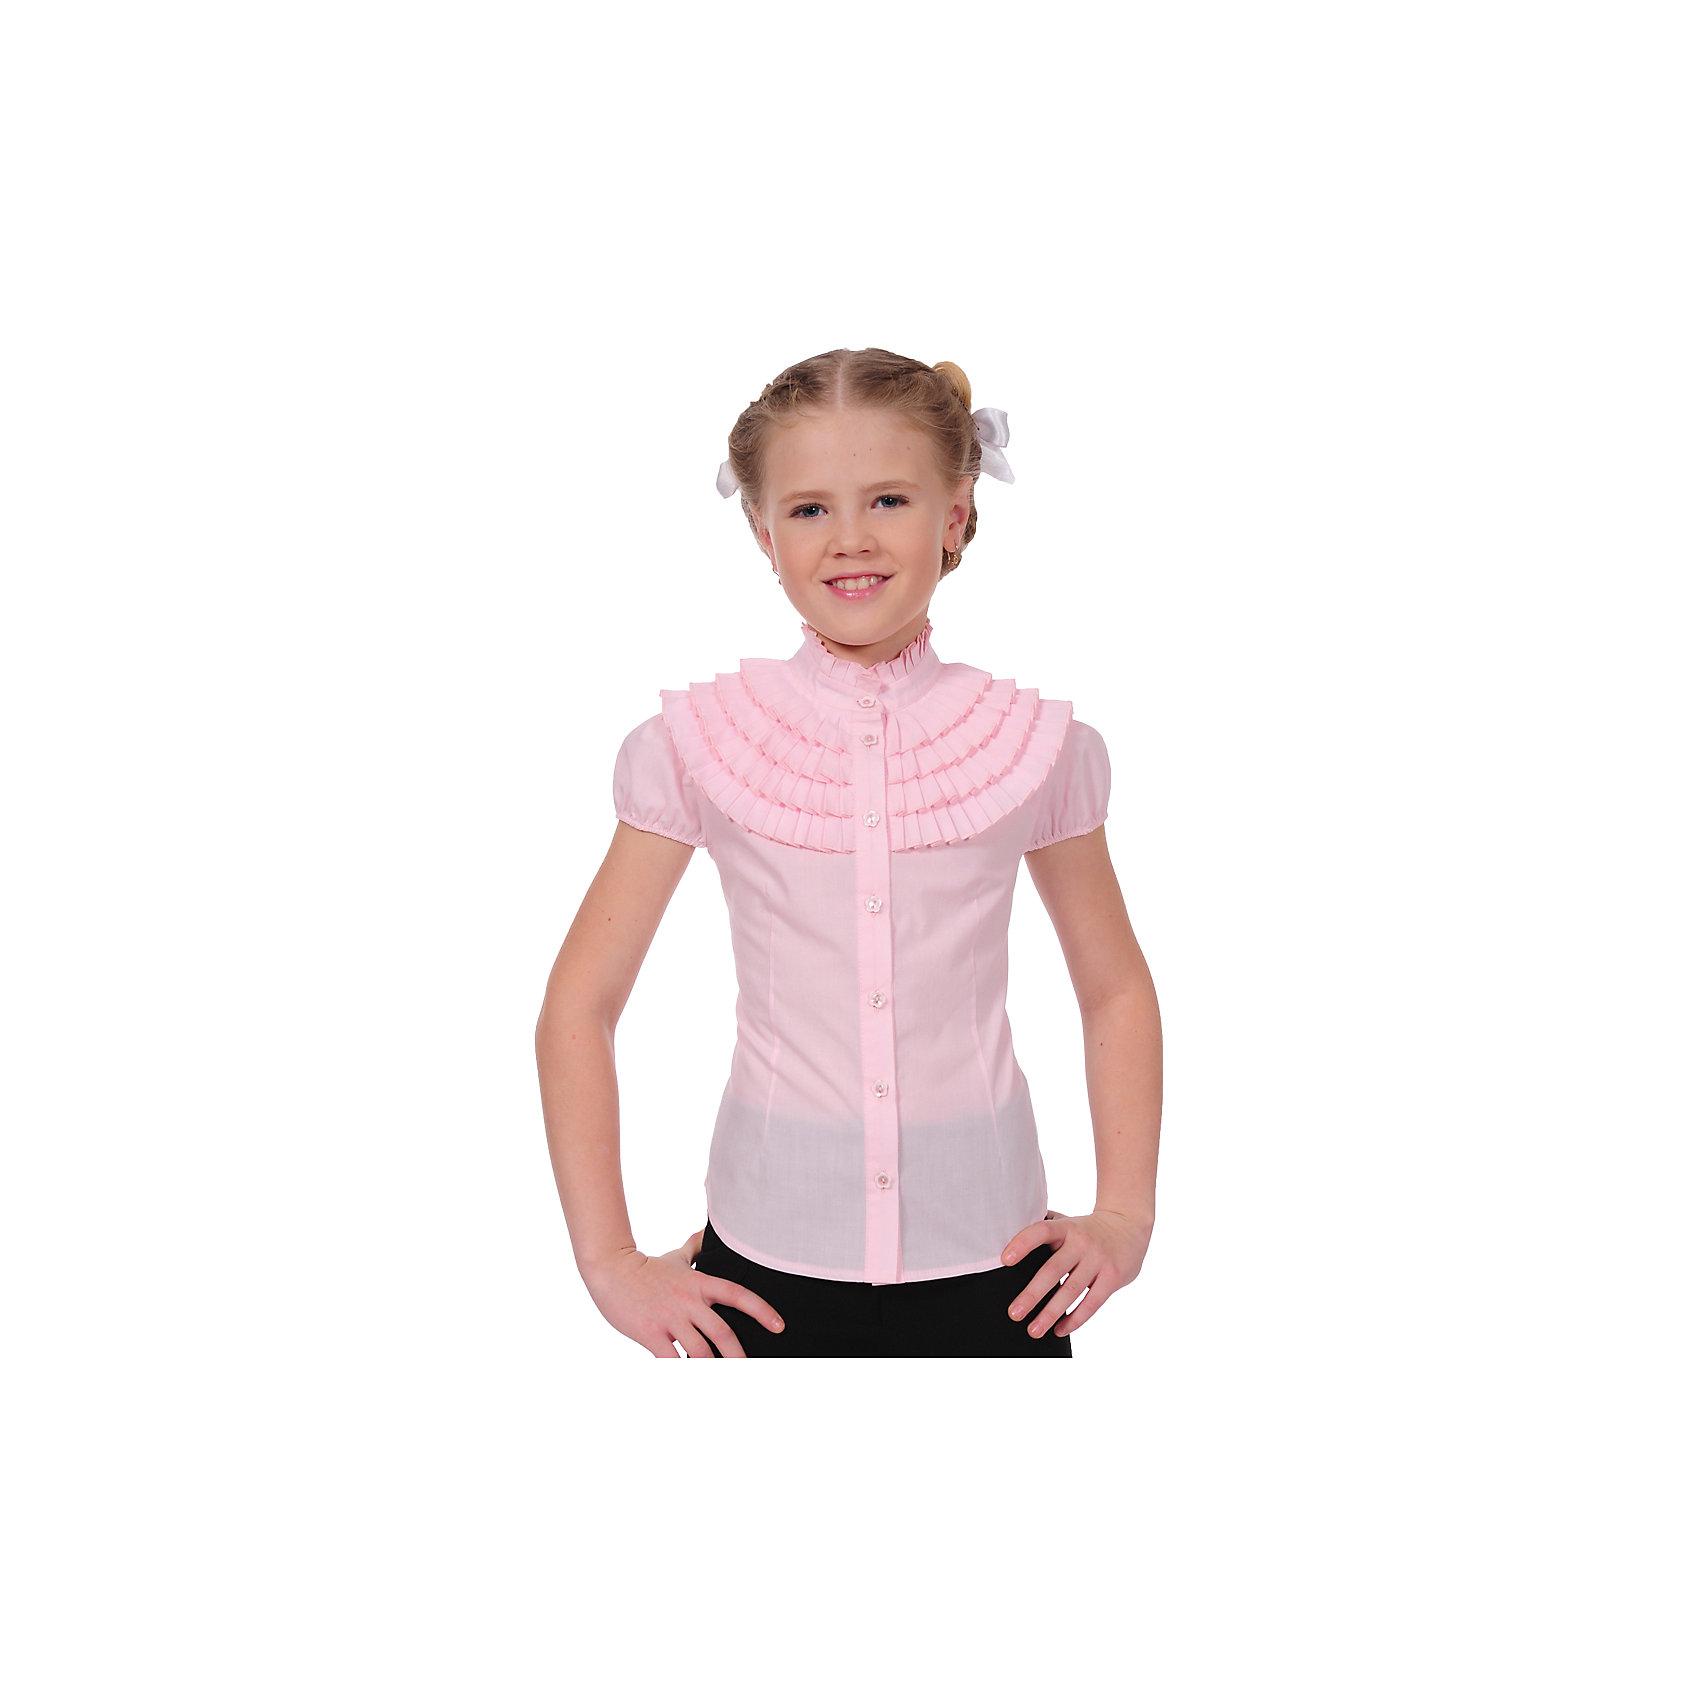 Блузка Клео для девочки SkylakeБлузки и рубашки<br>Розовая  блузка для девочек младшего и среднего возраста.<br>Застежка  спереди на планку  с пуговицами.<br>Воротник  стойка с плиссированной оборкой<br>Рукава  короткие - фонарик на резинке.<br>Верхняя часть грудки украшена несколькими рядами плиссированных оборок.<br>Полочки и спинка с талиевыми вытачками.<br>Состав:<br> 65%полиэстер,35% хлопок<br><br>Ширина мм: 186<br>Глубина мм: 87<br>Высота мм: 198<br>Вес г: 197<br>Цвет: розовый<br>Возраст от месяцев: 84<br>Возраст до месяцев: 96<br>Пол: Женский<br>Возраст: Детский<br>Размер: 128,152,134,140,146<br>SKU: 6772515